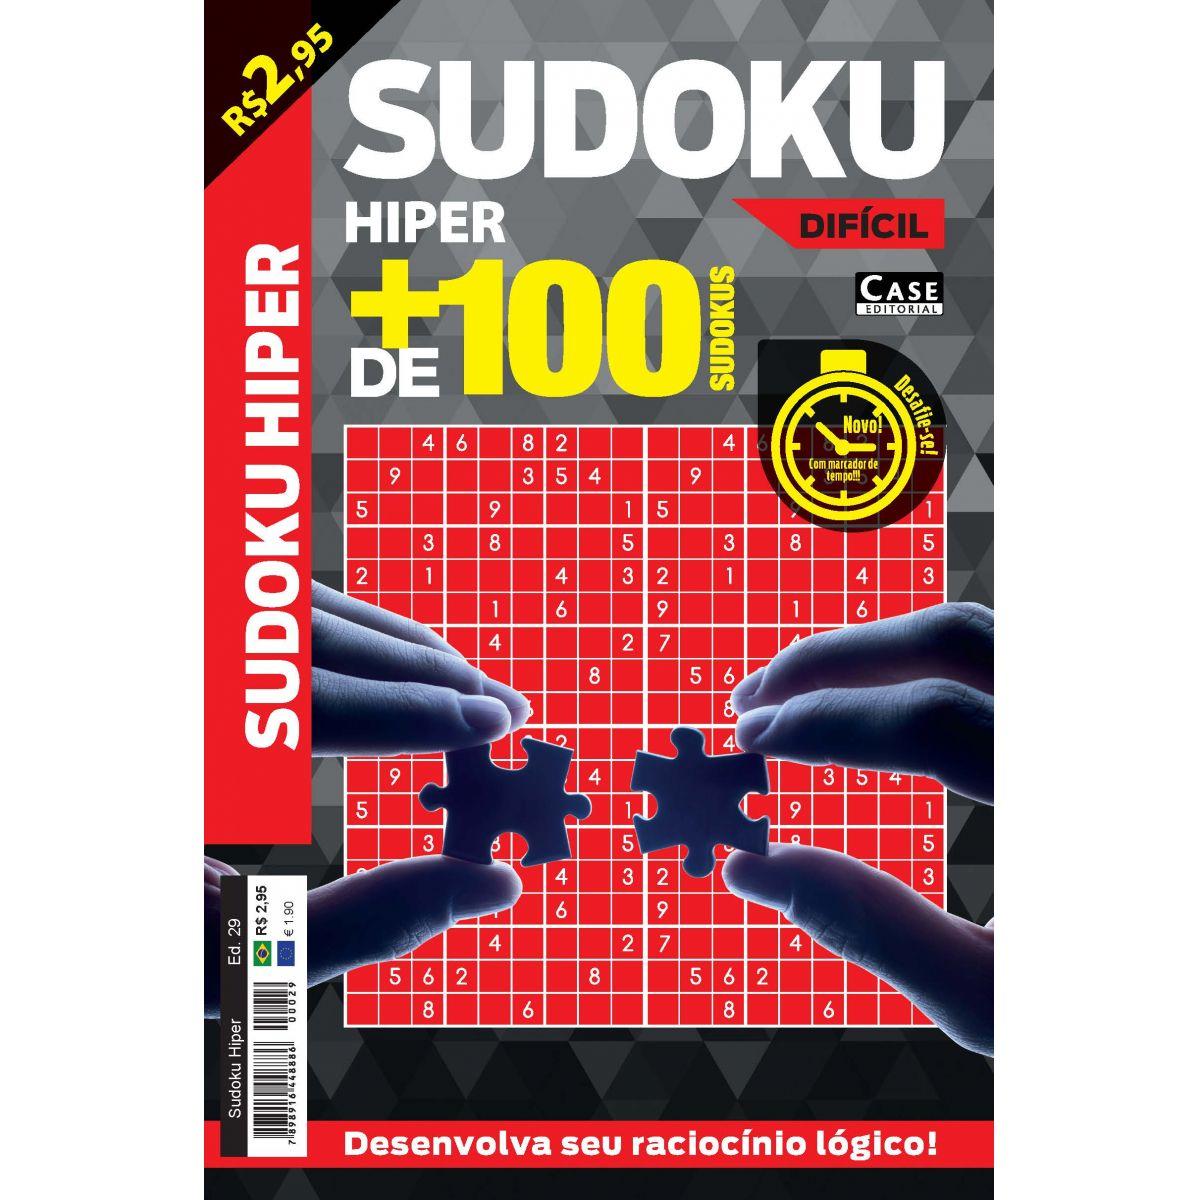 Sudoku Hiper - Edição 29  - Case Editorial